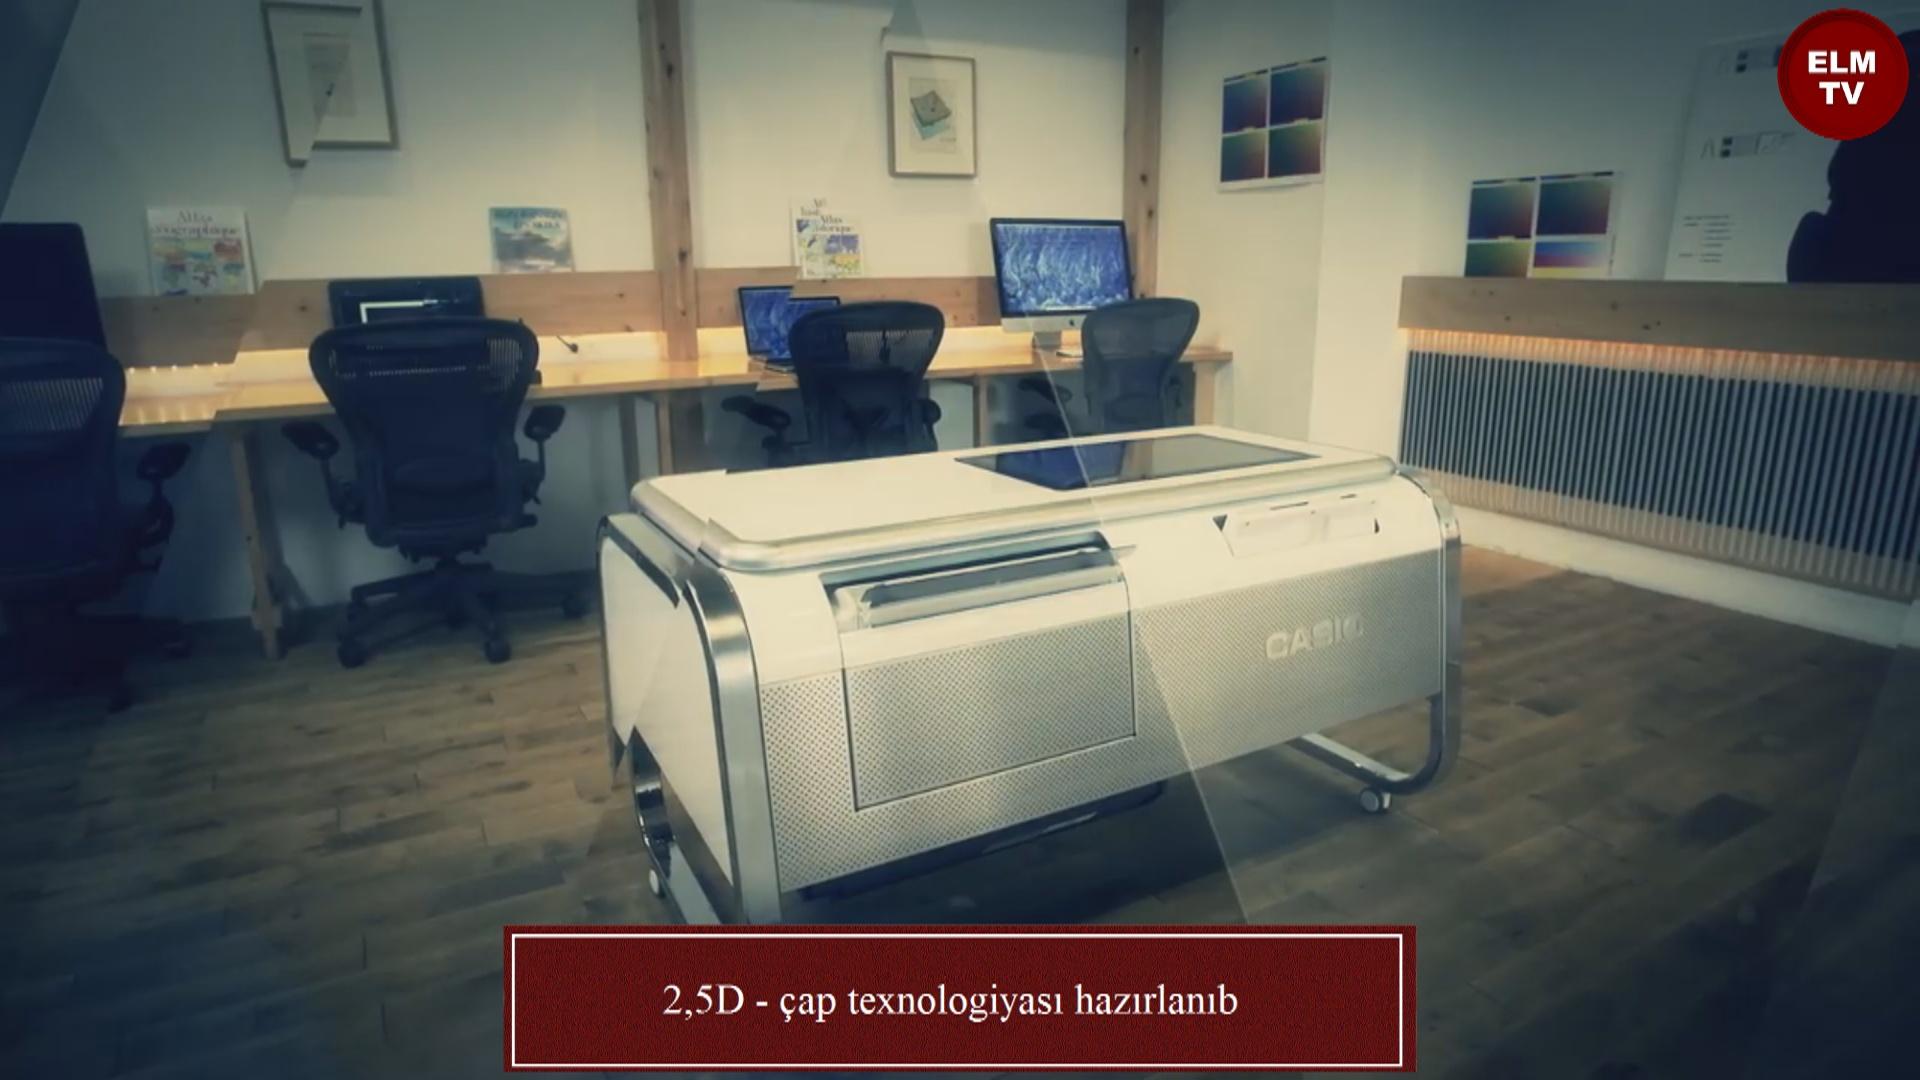 2,5D - çap texnologiyası hazırlanıb